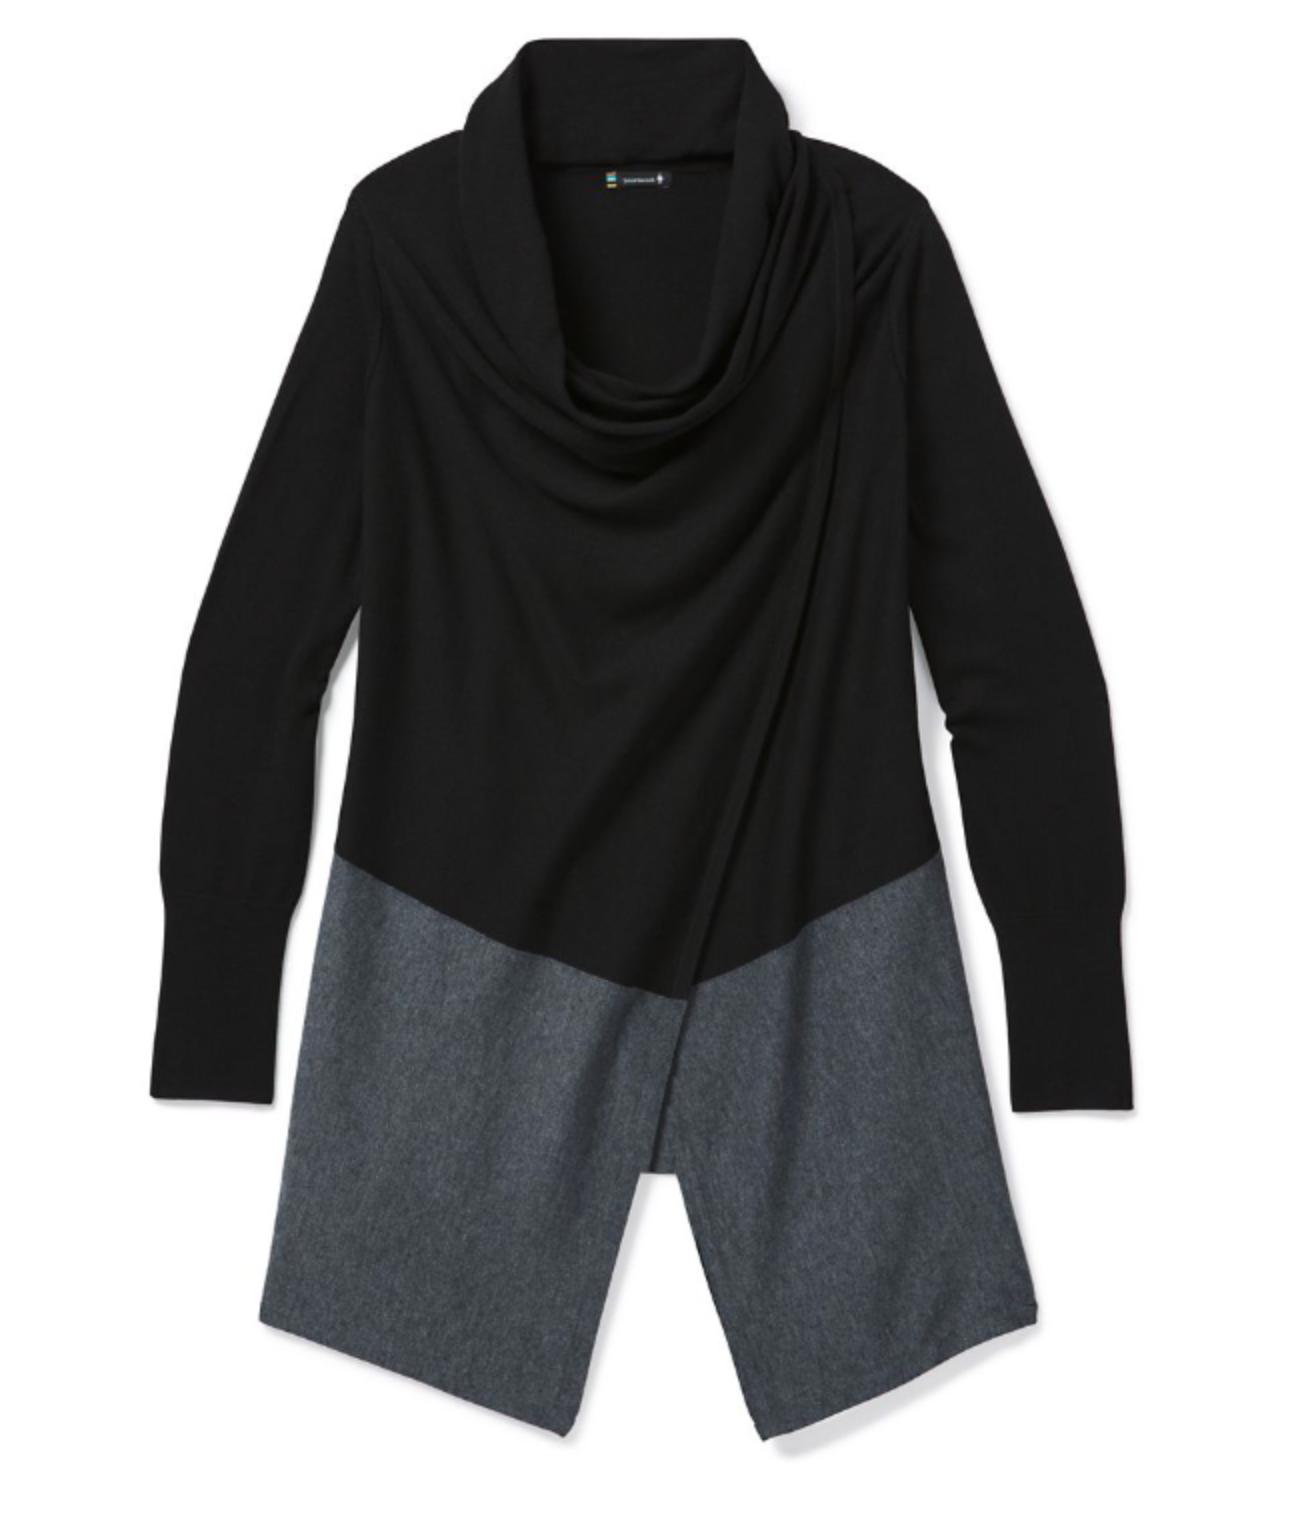 Smartwool Women's Edgewood Wrap Sweater-1